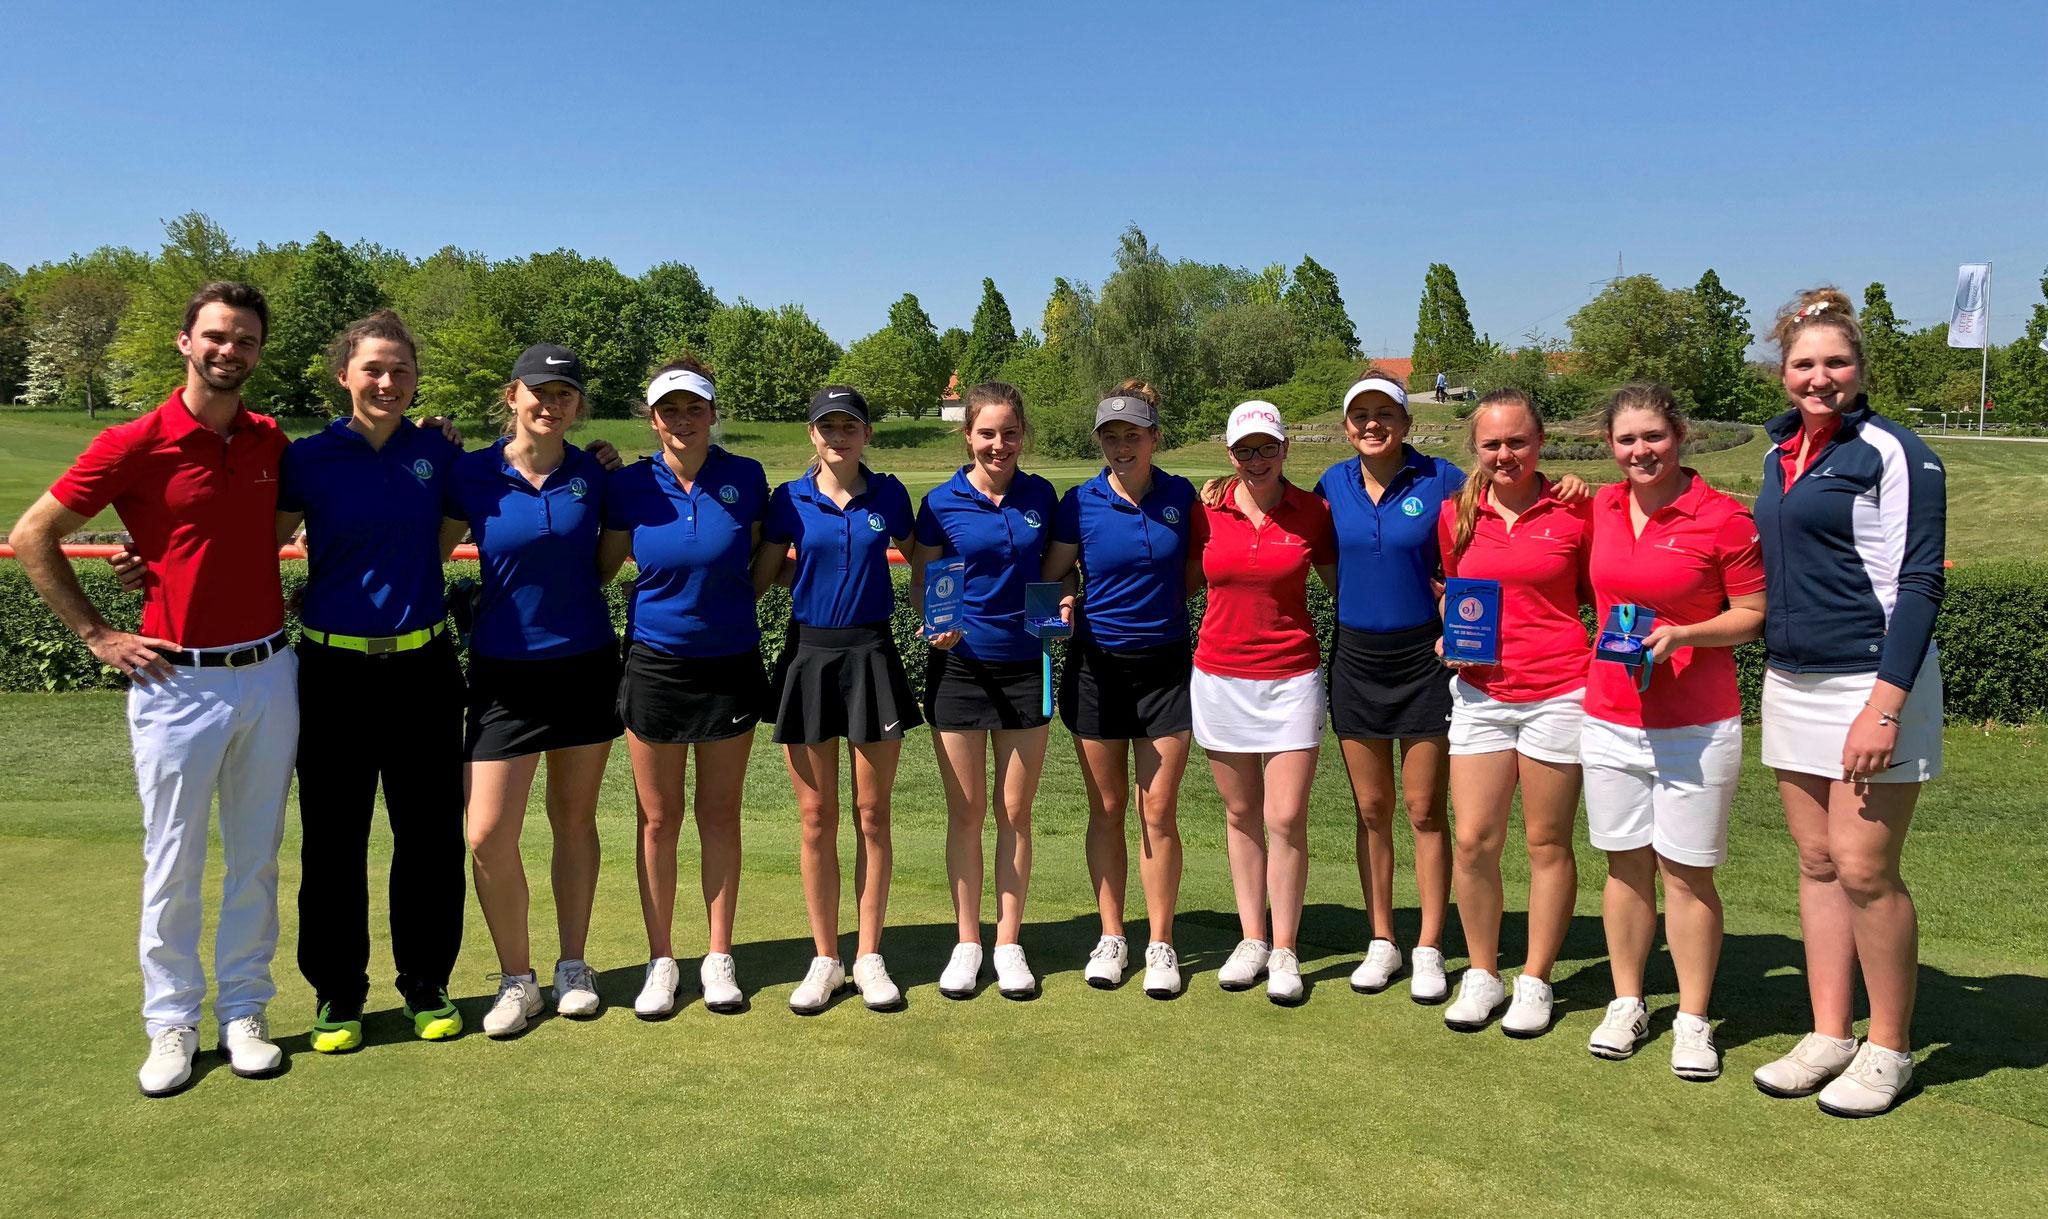 Die Mädchen des Golf Club St. Leon-Rot mit Trainer Pascal Proske - © Golf Club St. Leon-Rot